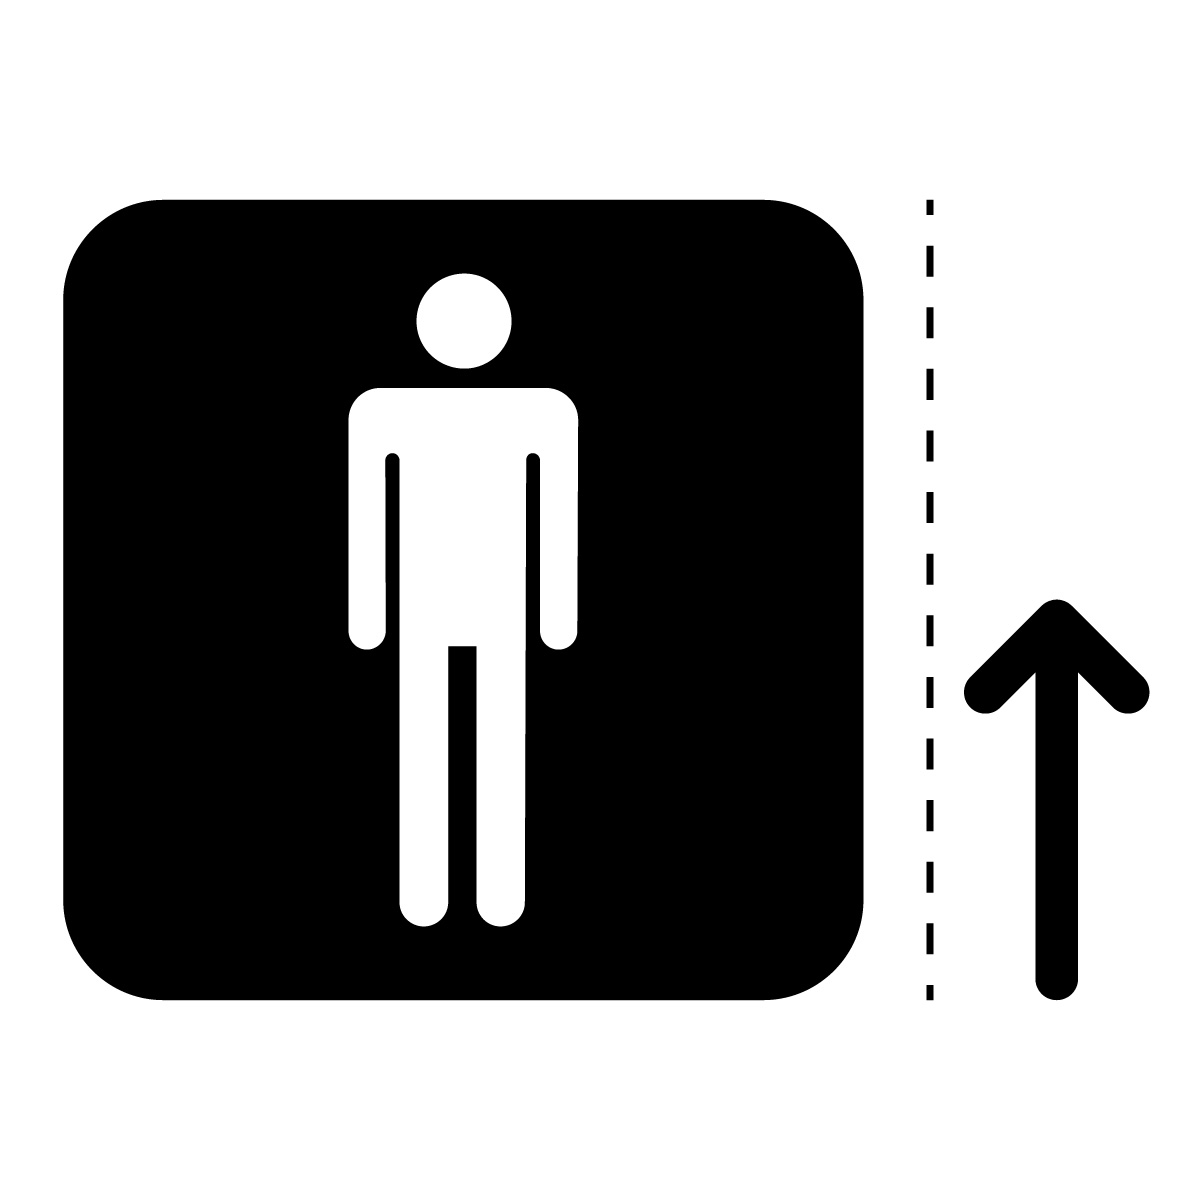 黒色の男性トイレ案内マーク(矢印付き)のカッティングステッカー・シール